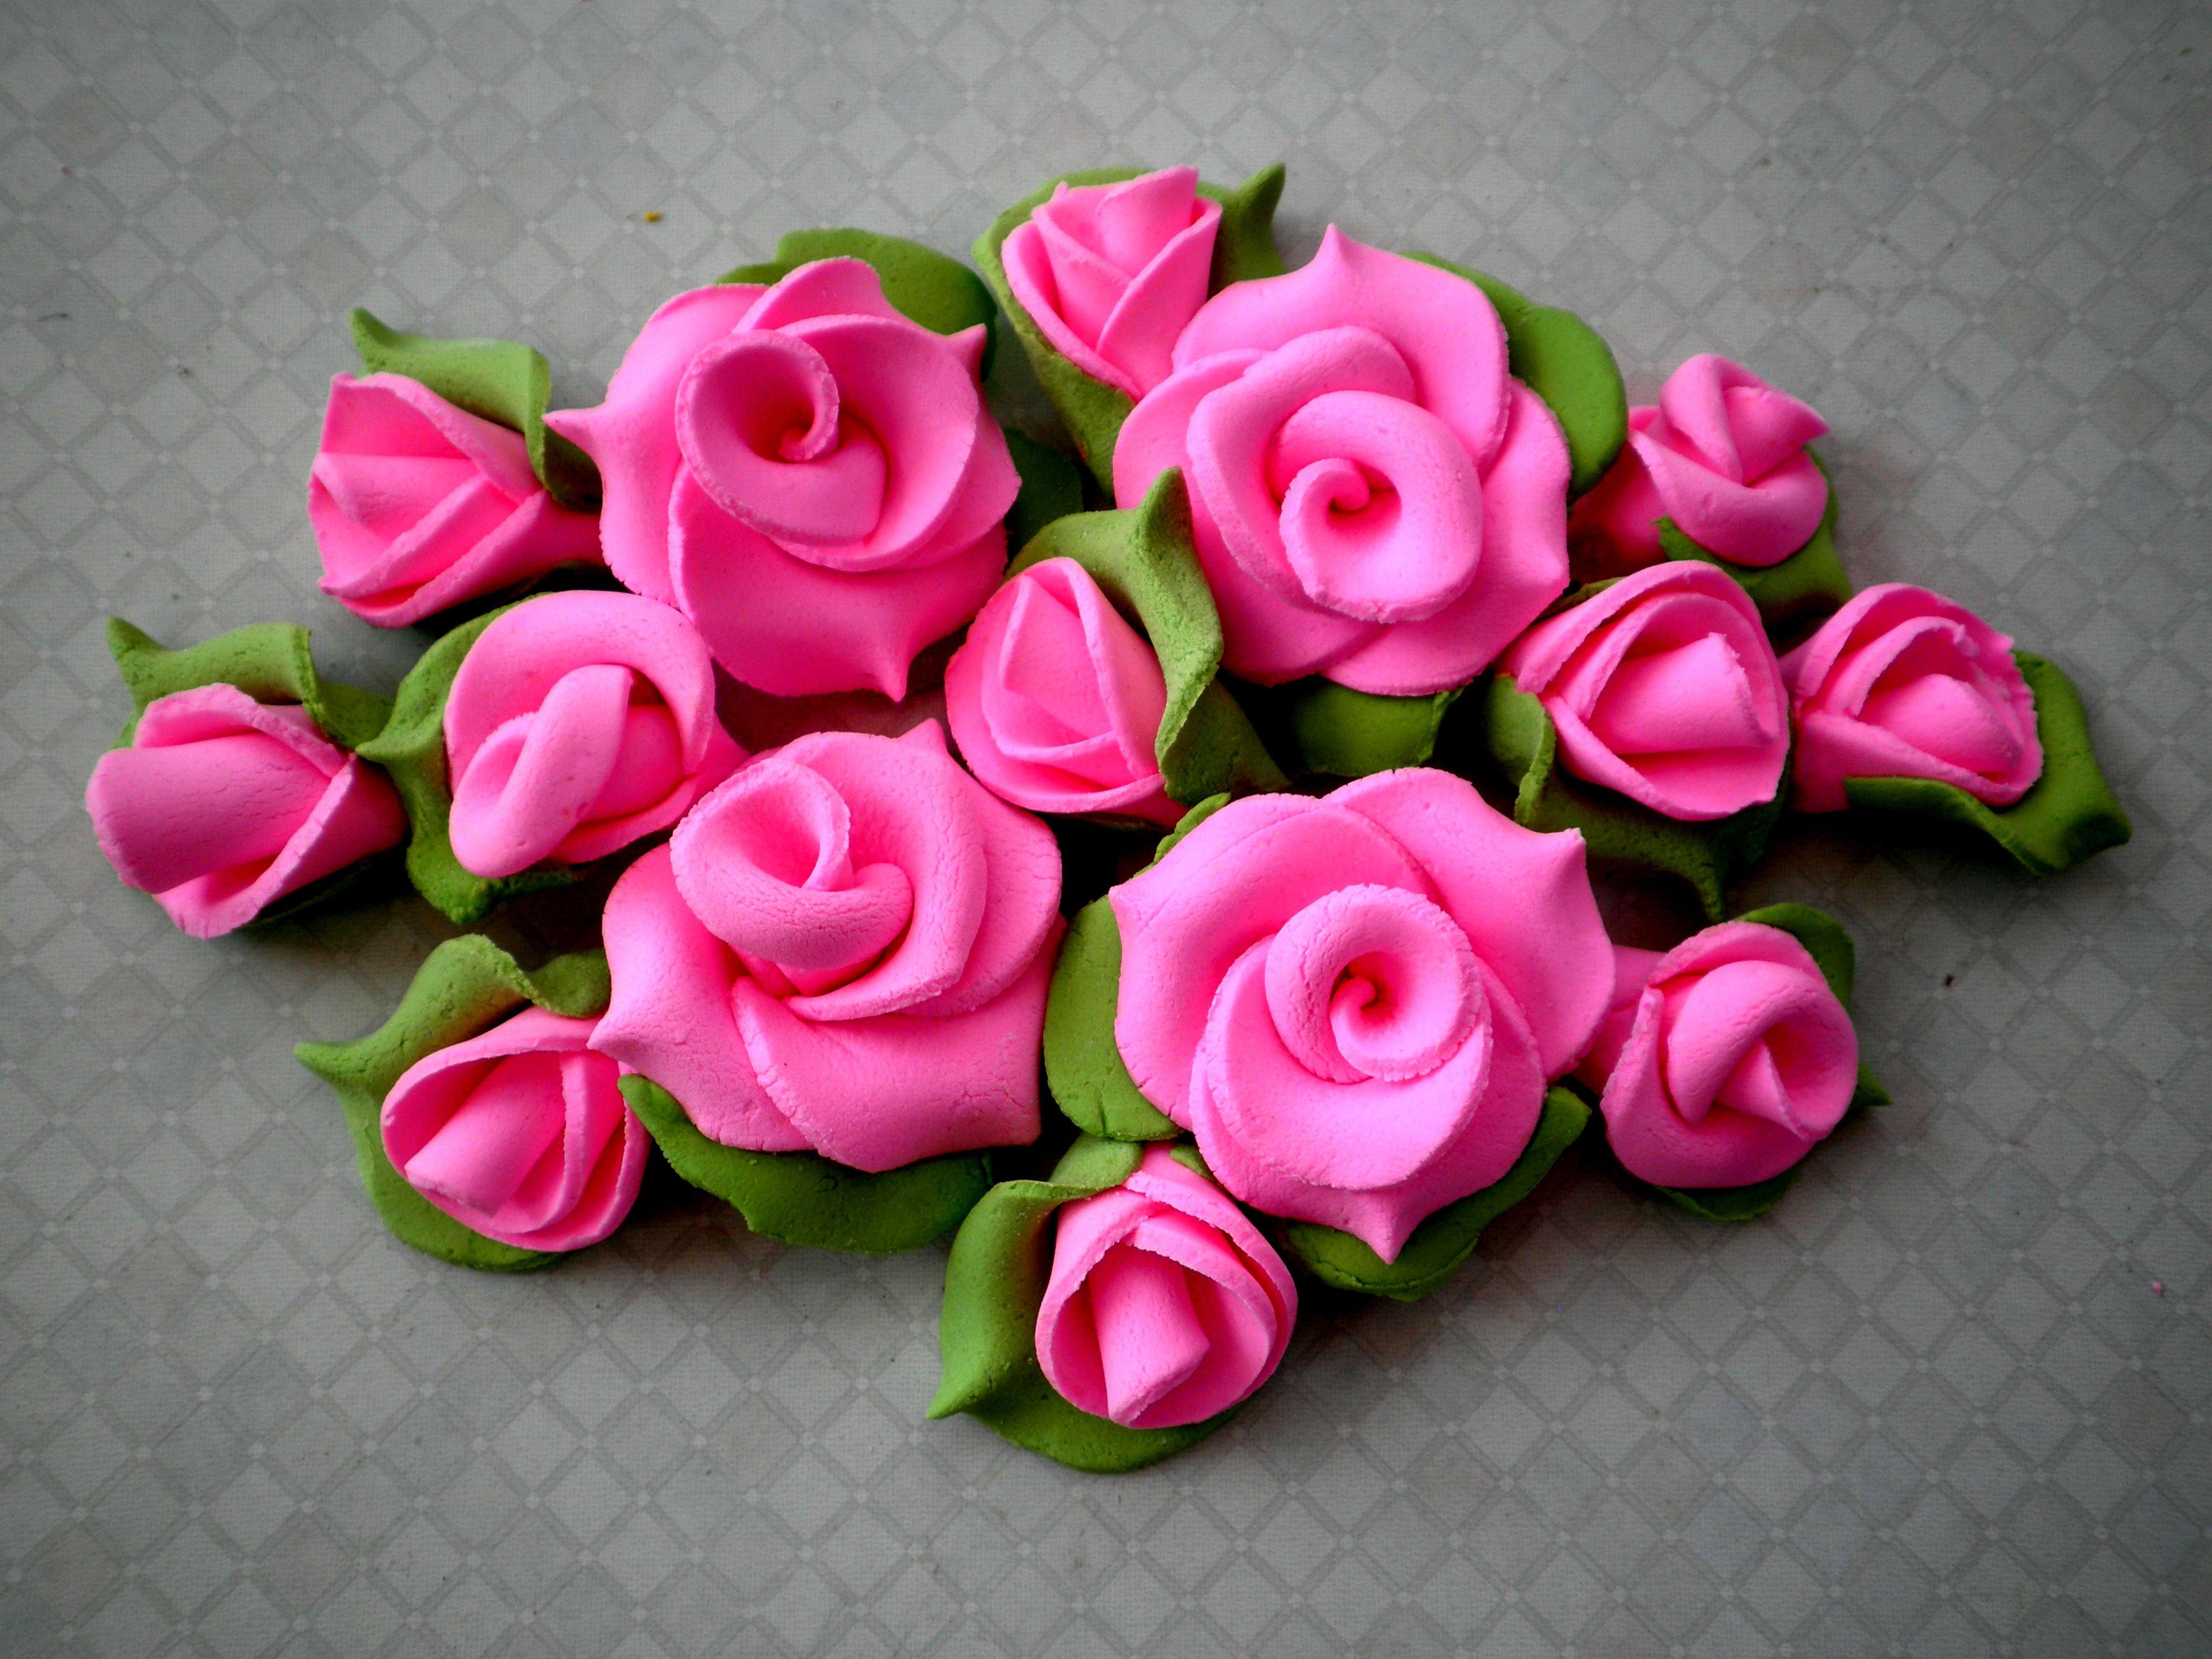 Цветы из мастики своими руками пошагово для начинающих